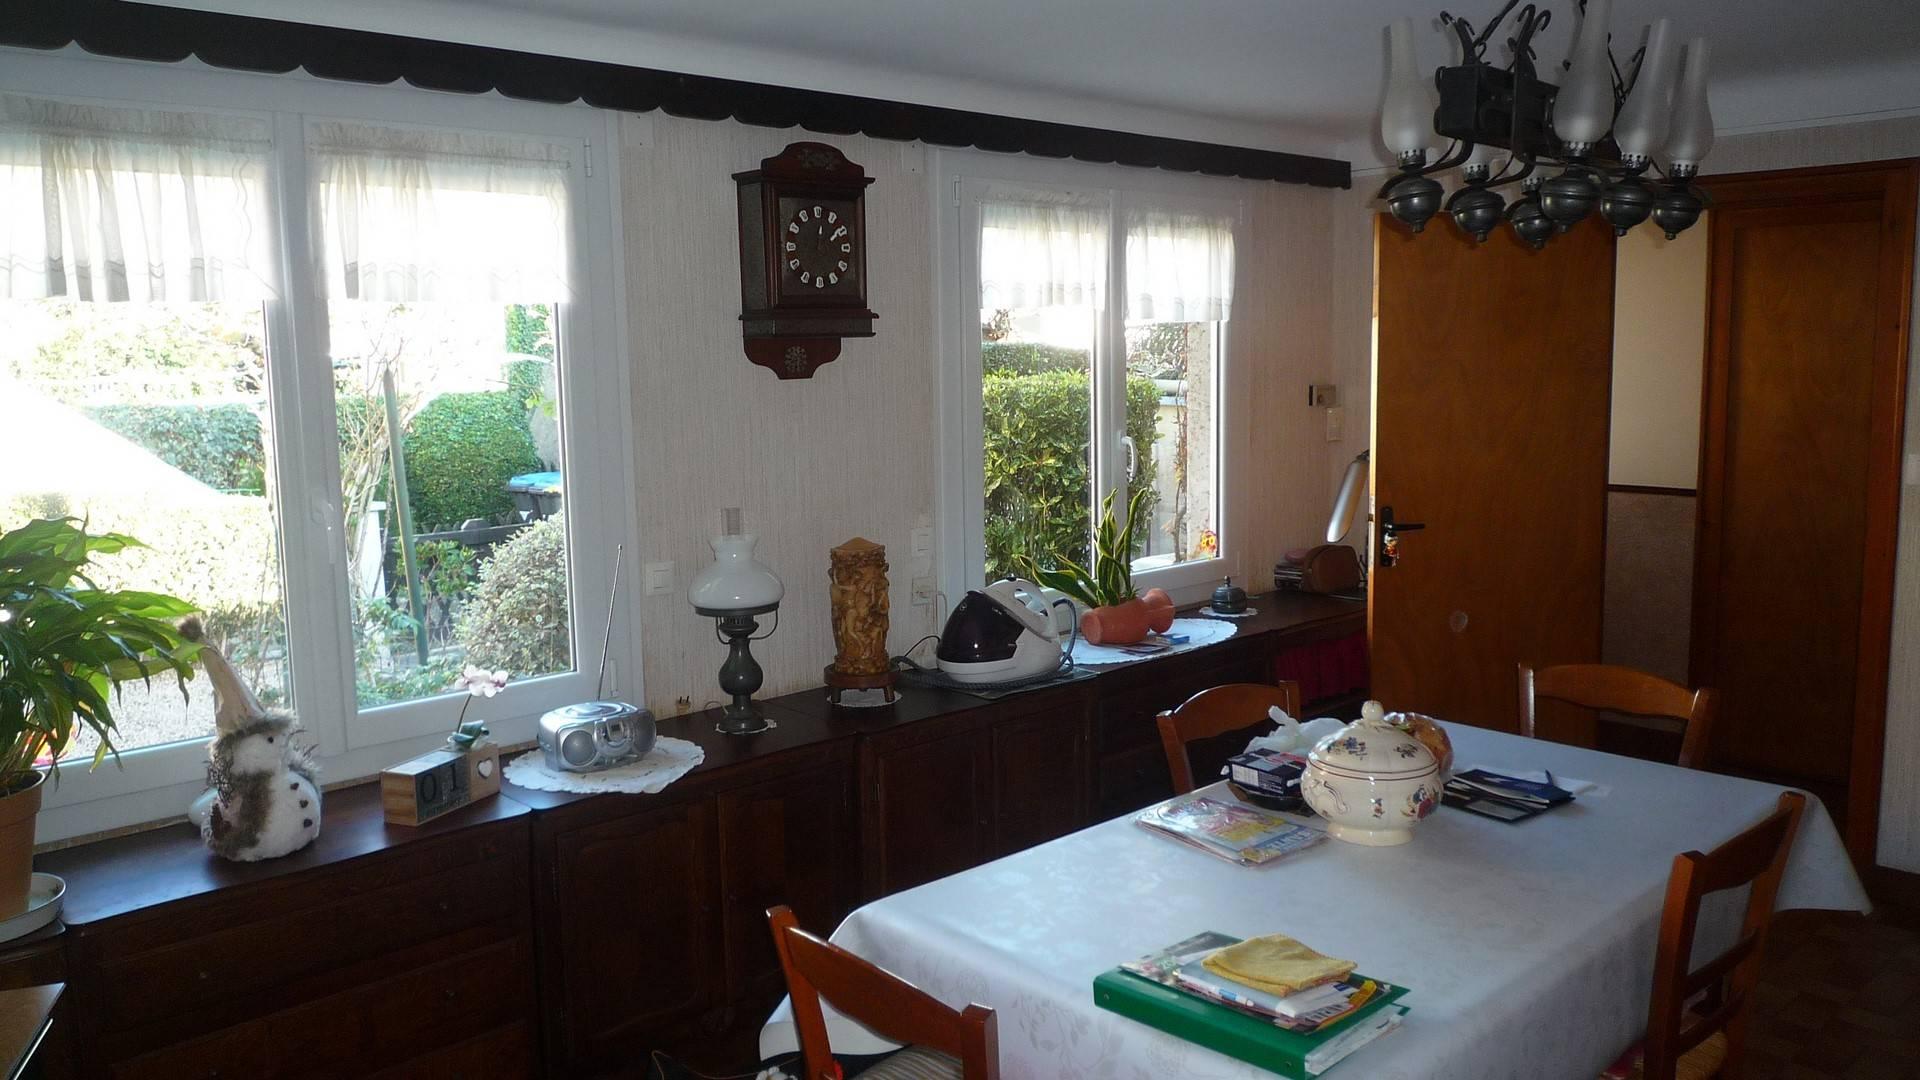 maison au coeur de trignac saint nazaire viager occup trignac. Black Bedroom Furniture Sets. Home Design Ideas